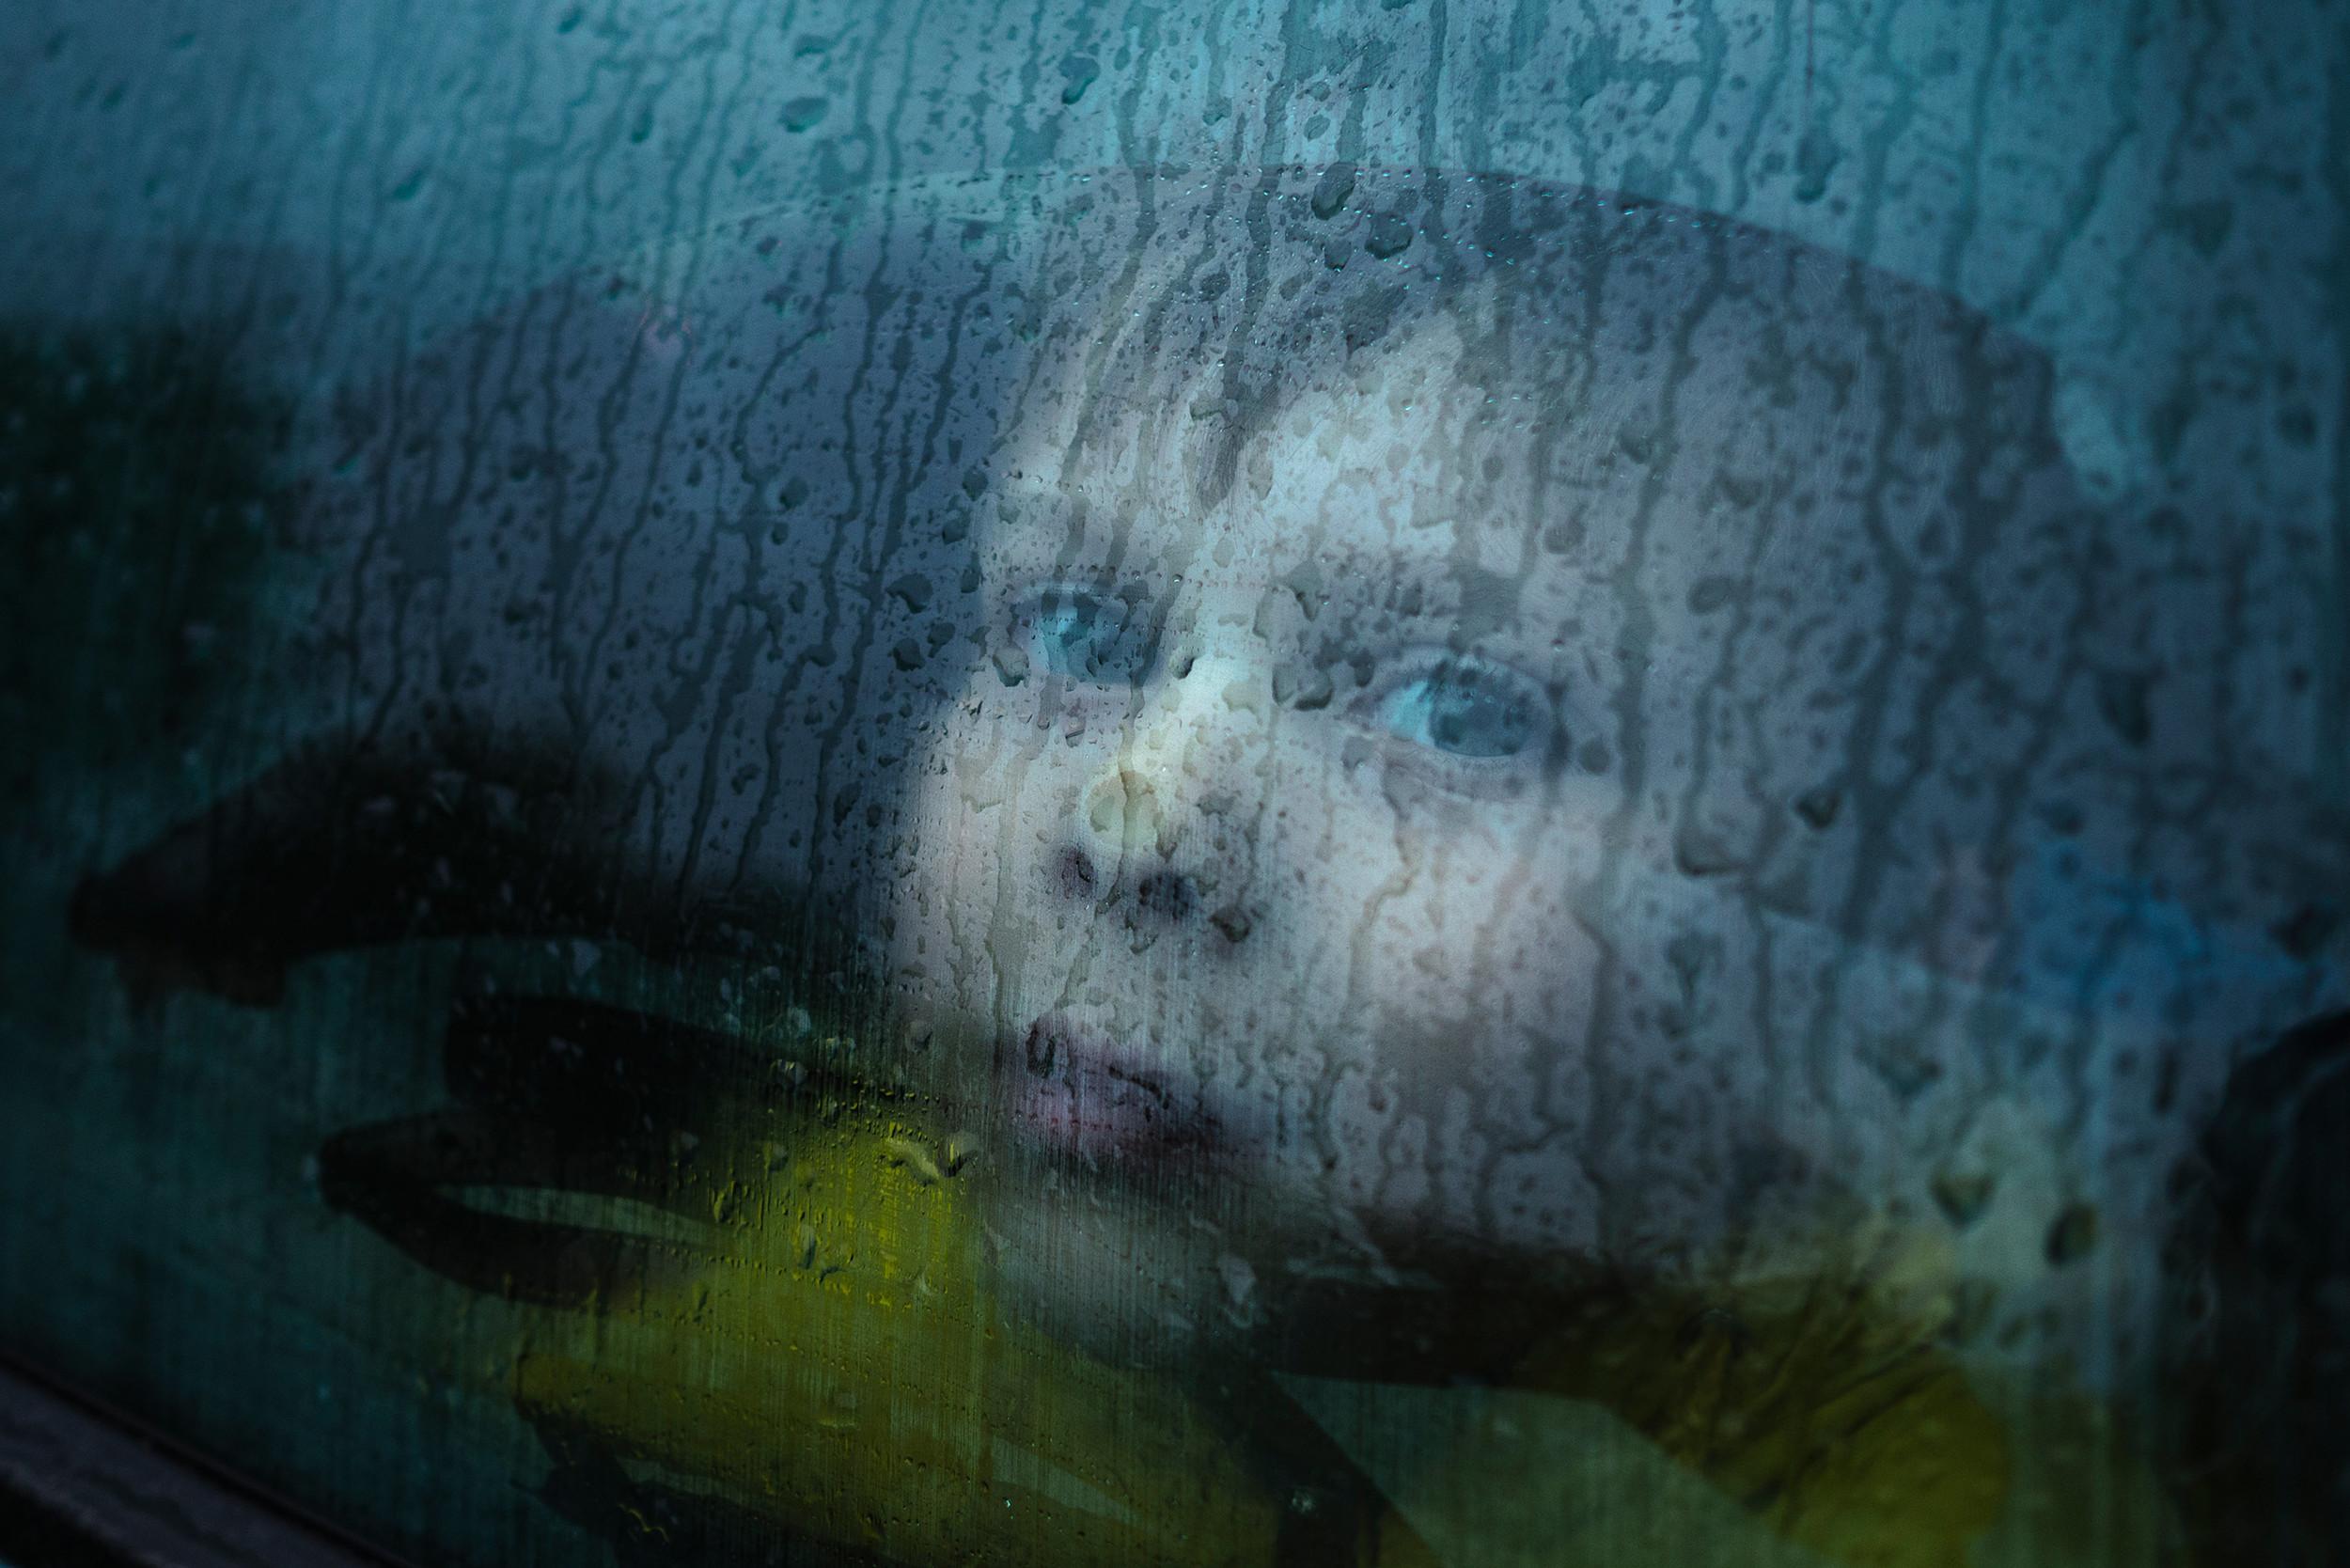 Belarusian boy pressing his head against a car window